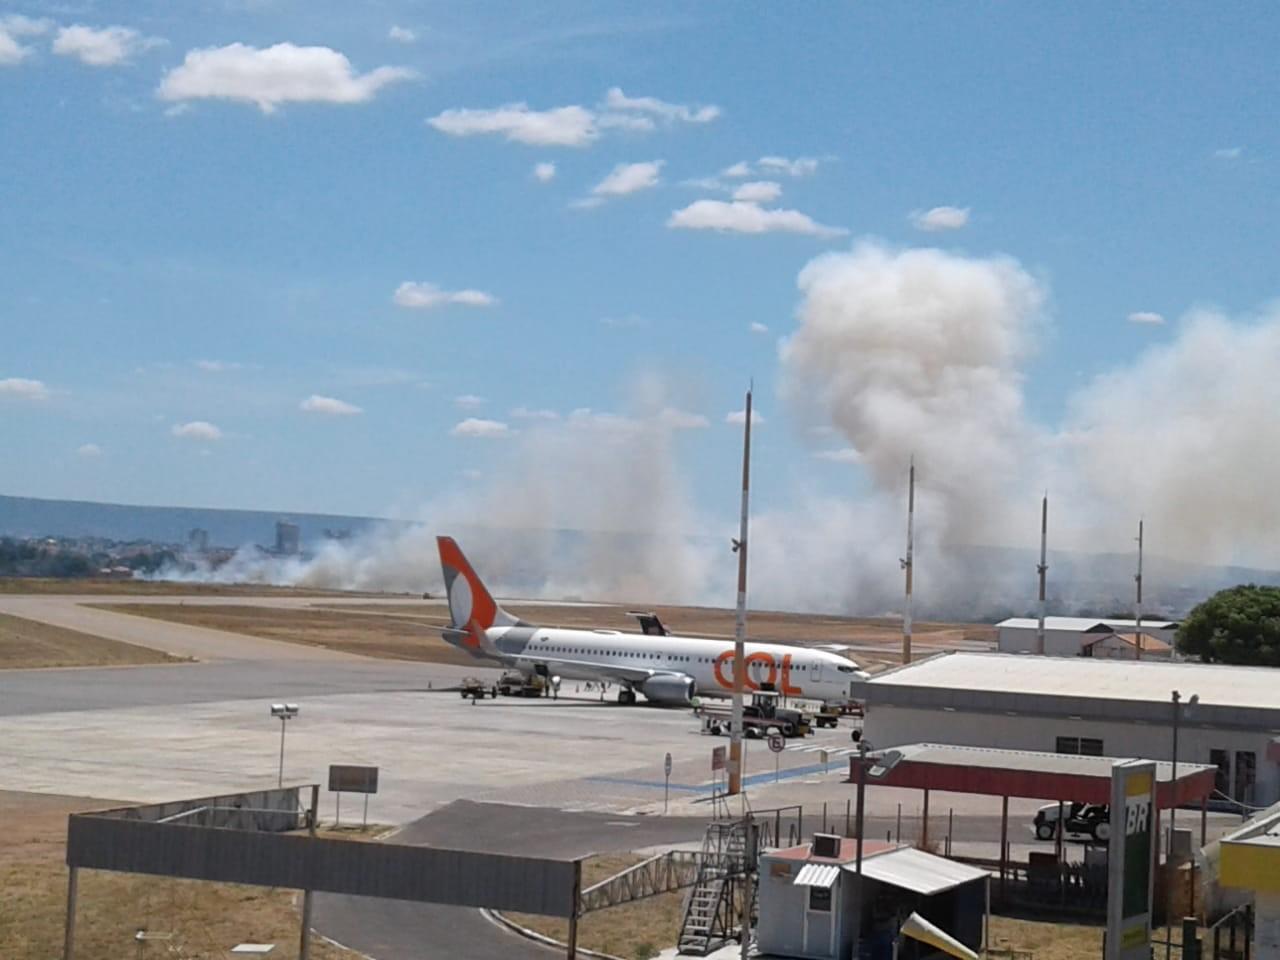 Incêndio atinge vegetação em terreno do aeroporto de Juazeiro do Norte no Ceará; vídeo